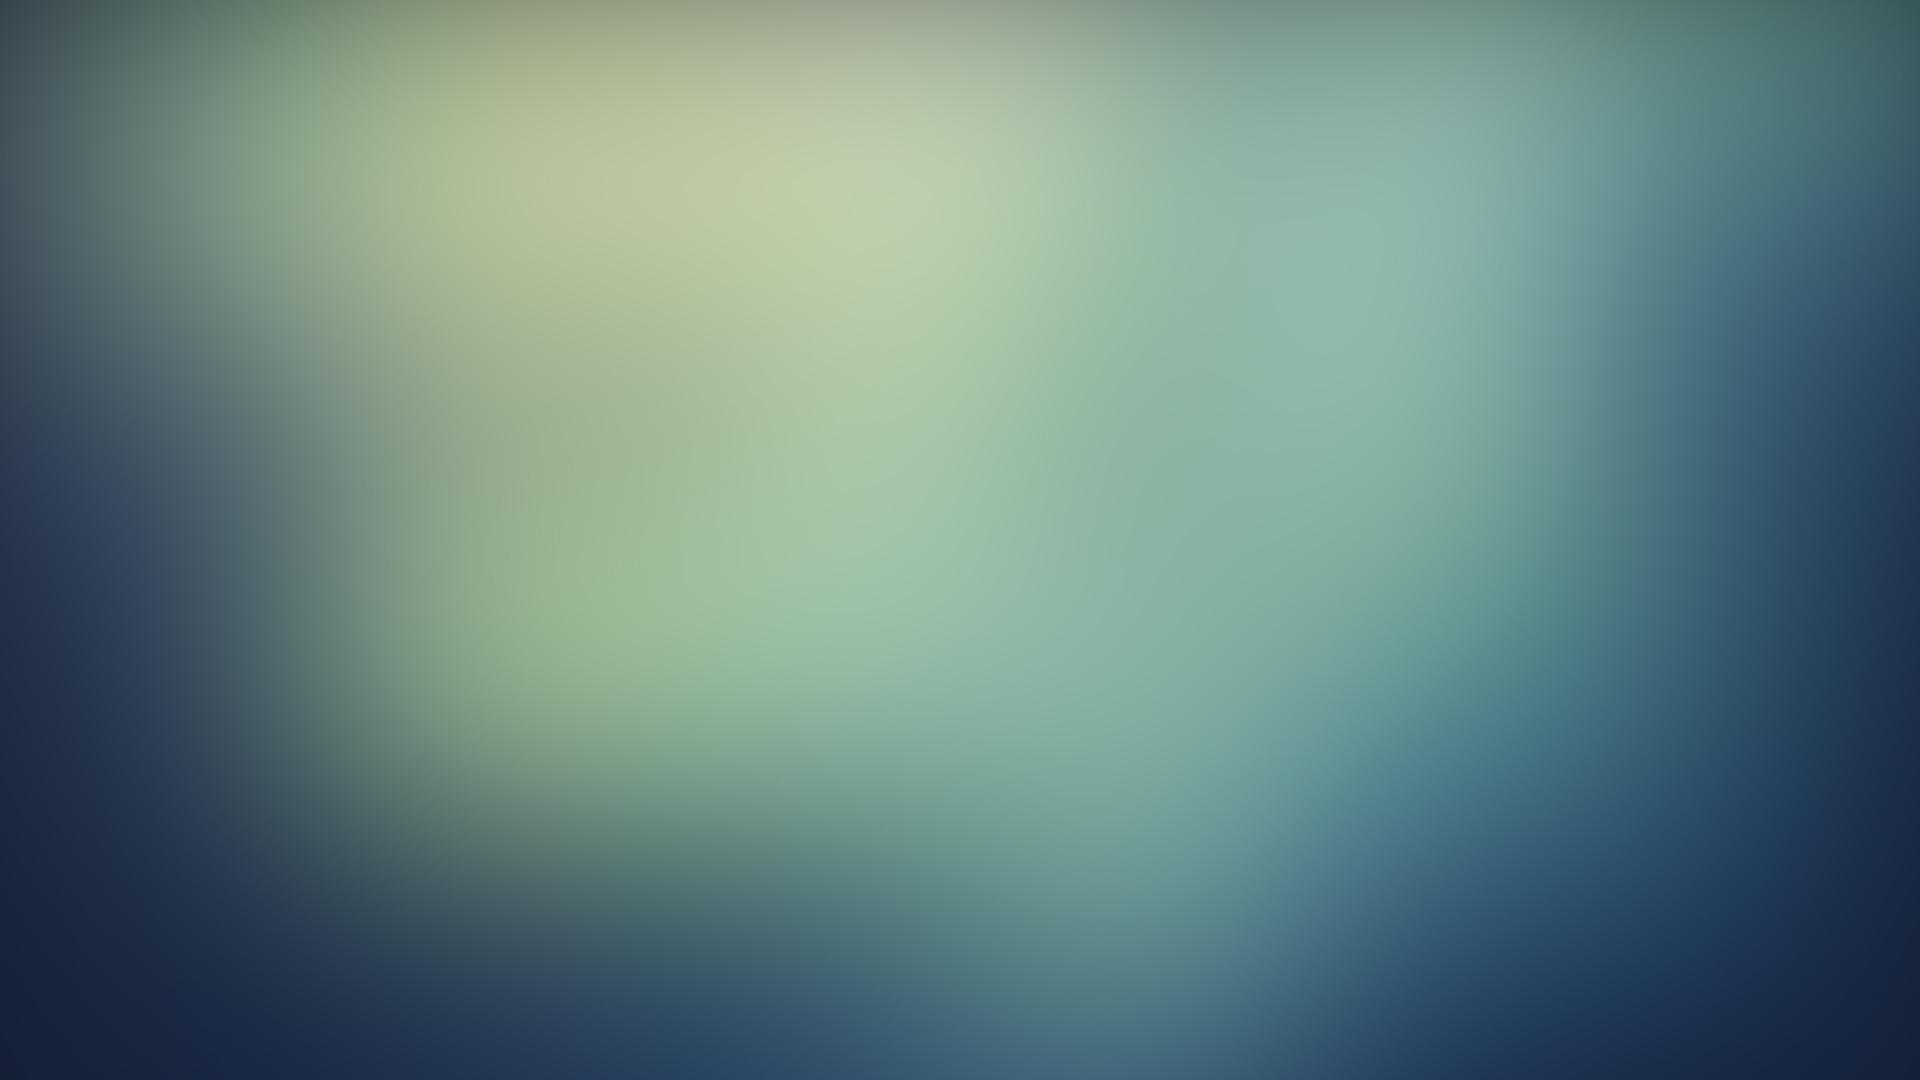 Blurry Wallpaper